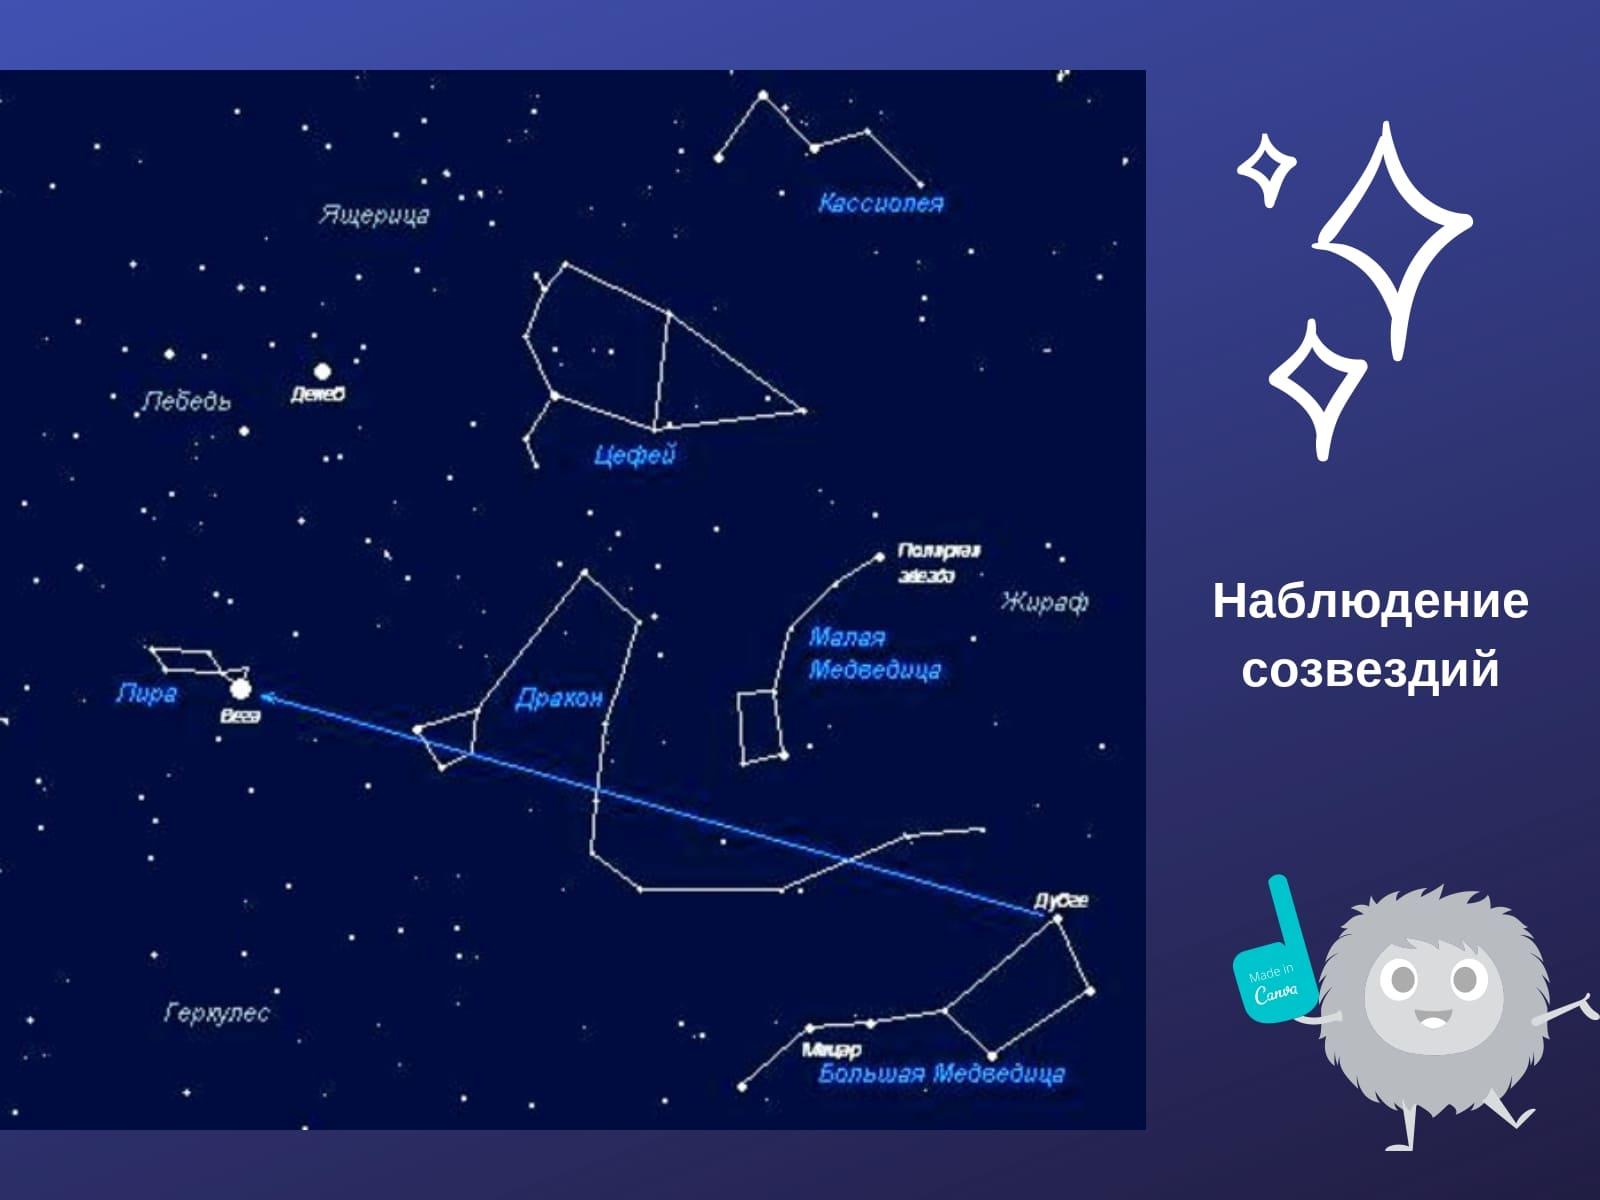 наблюдение созвездий